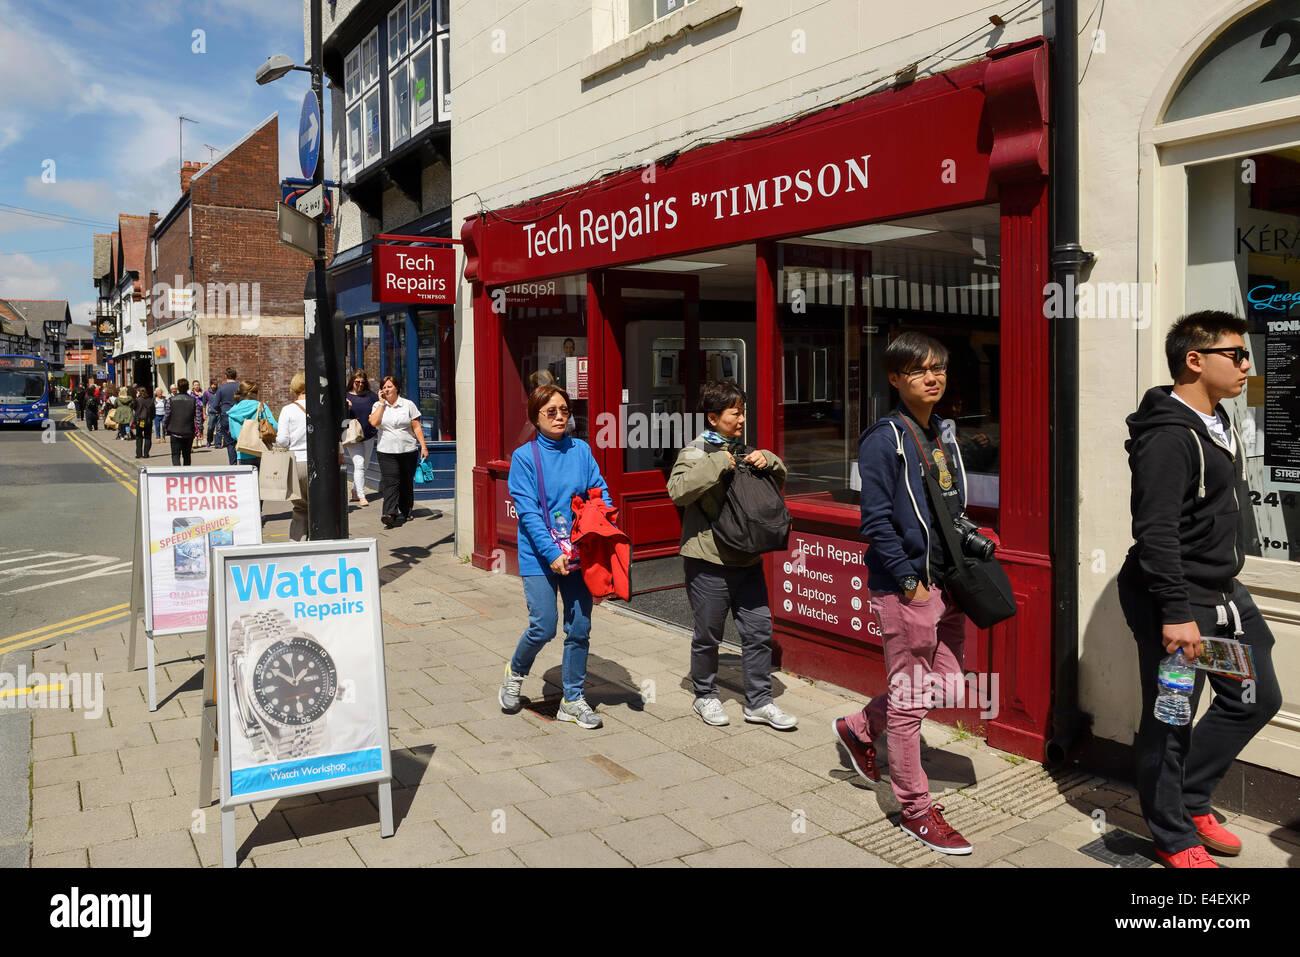 Des gens devant un magasin de réparations Tech Timpson Photo Stock